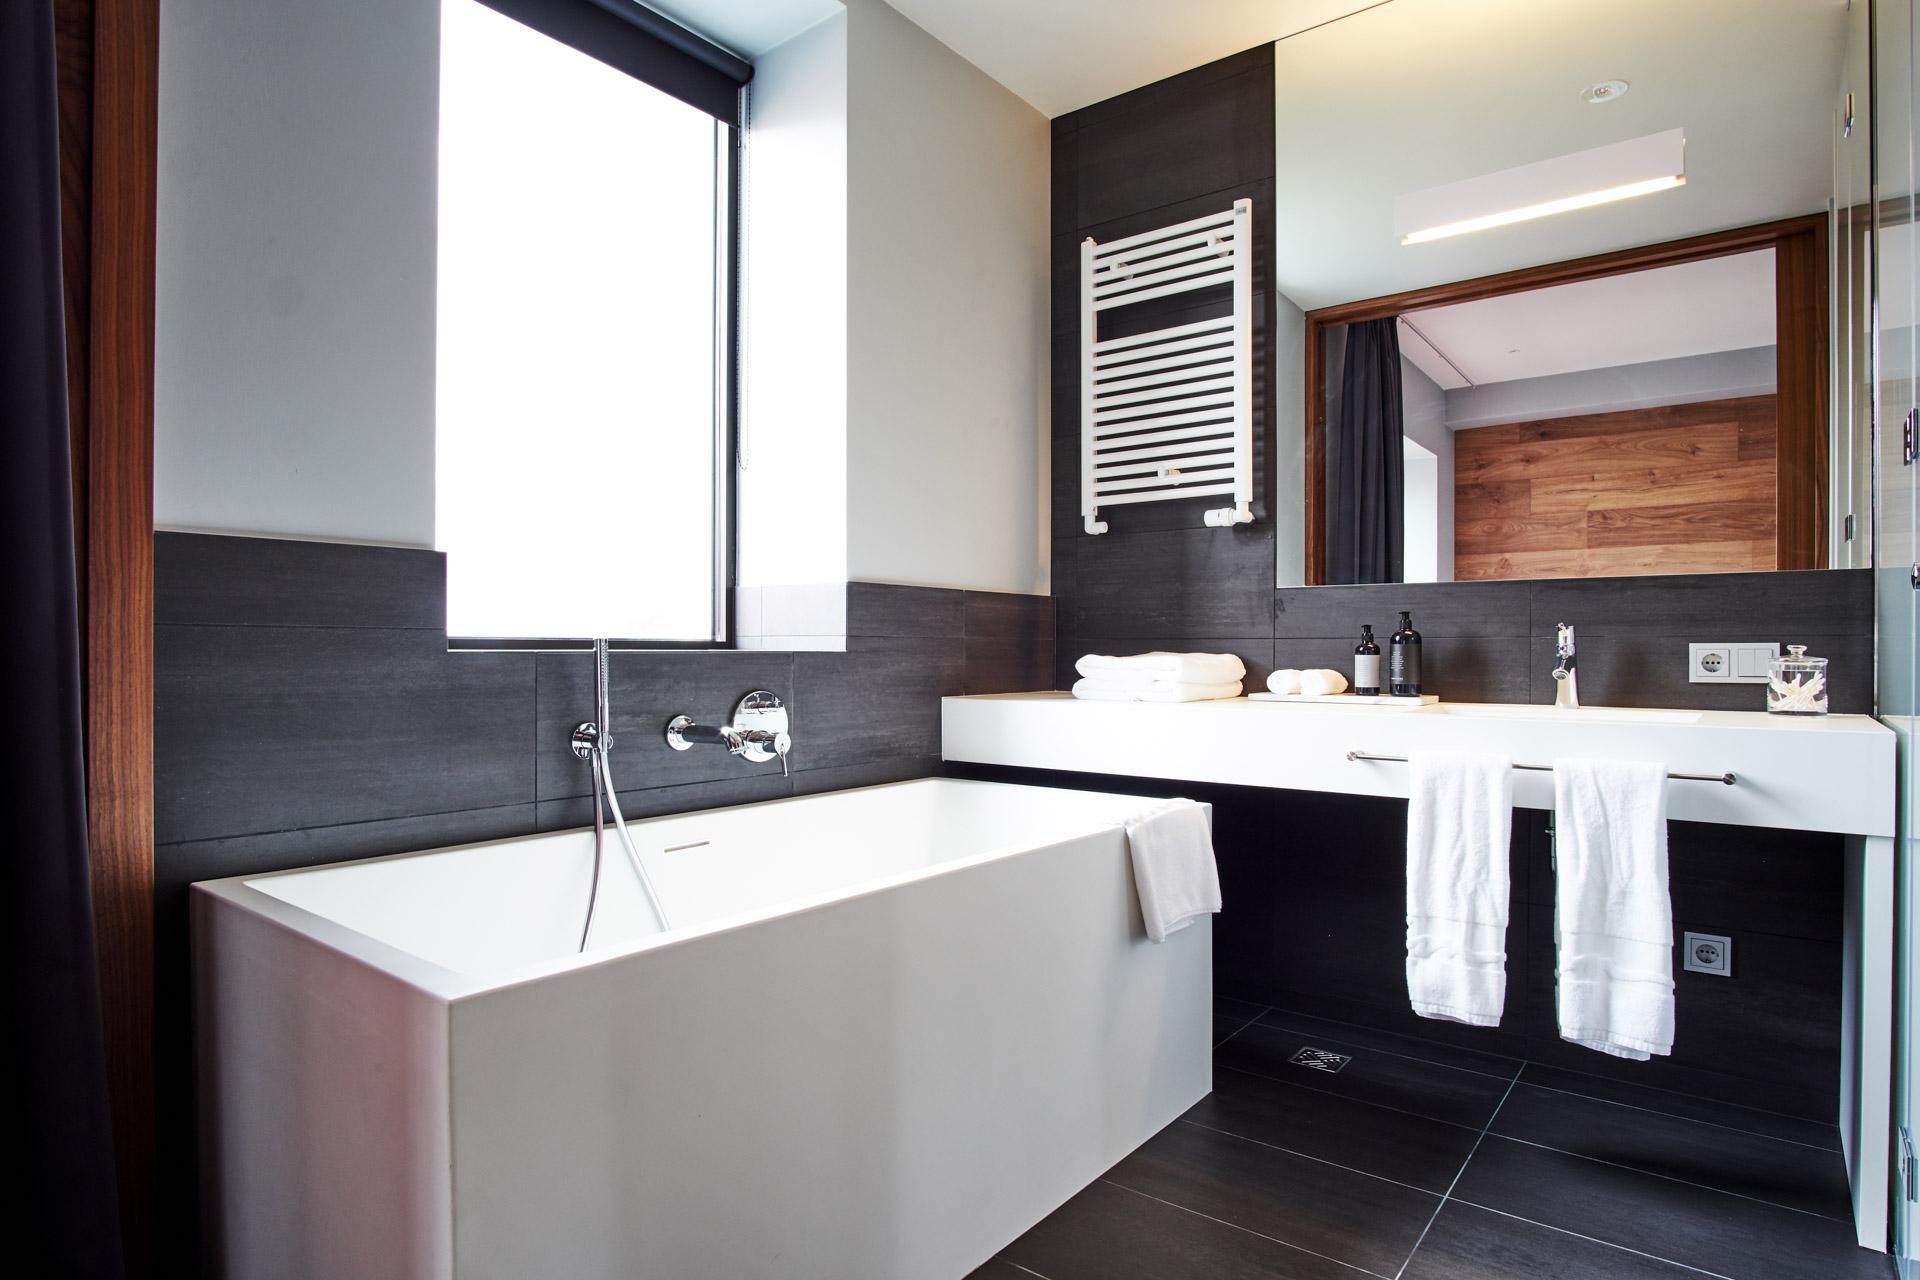 On retrouve dans les salles de bain le même mélange entre minimalisme contemporain et style scandinave